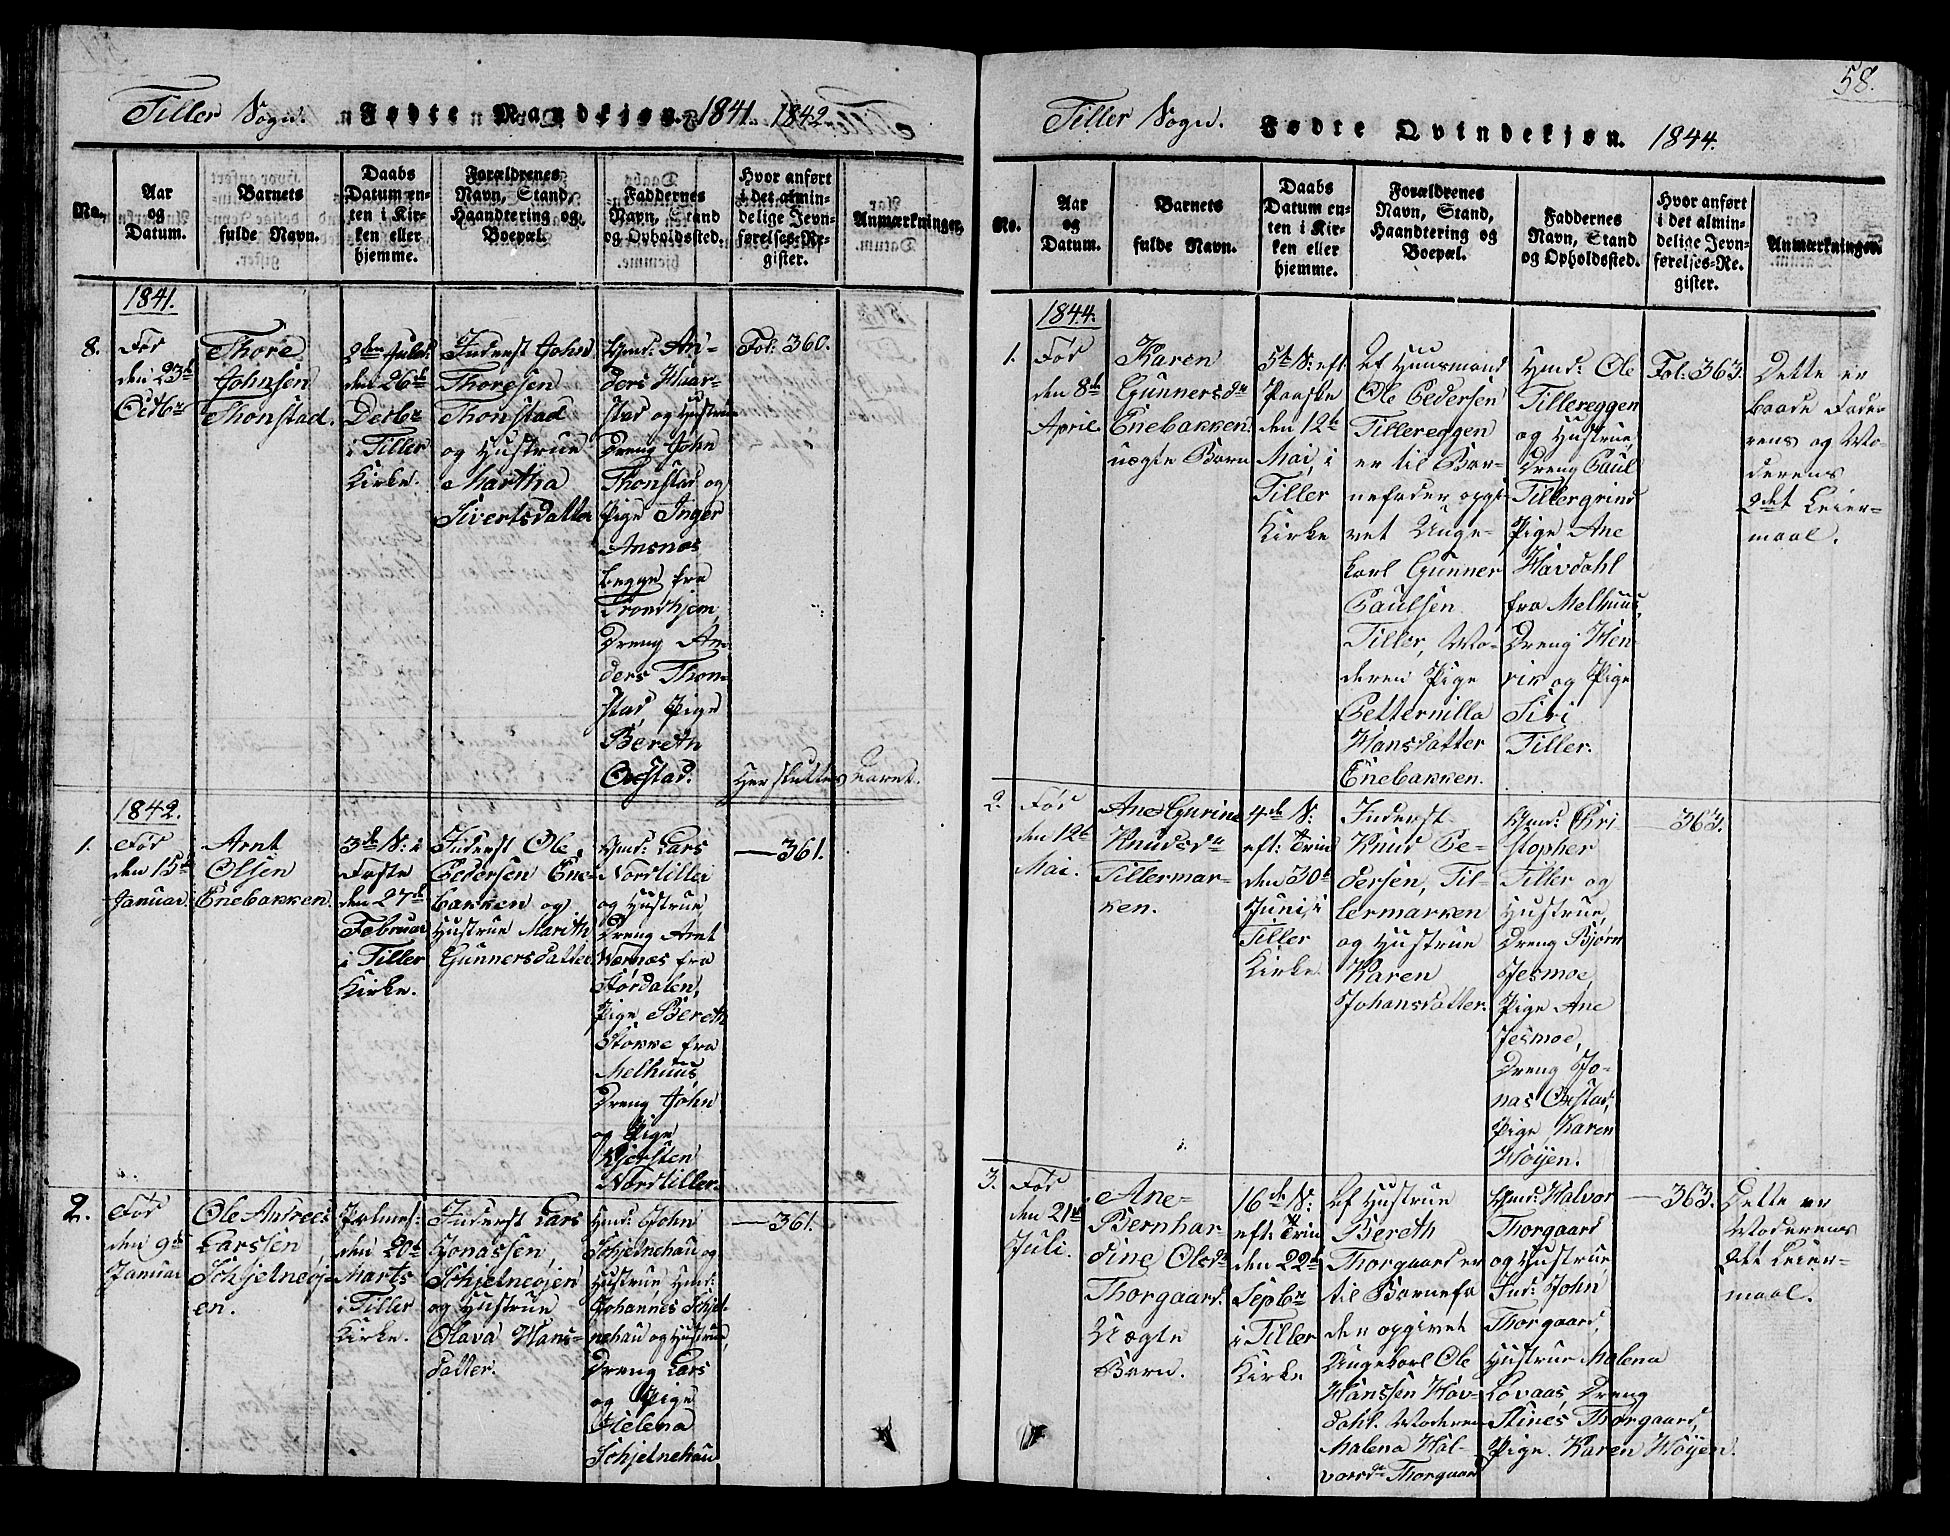 SAT, Ministerialprotokoller, klokkerbøker og fødselsregistre - Sør-Trøndelag, 621/L0458: Klokkerbok nr. 621C01, 1816-1865, s. 58